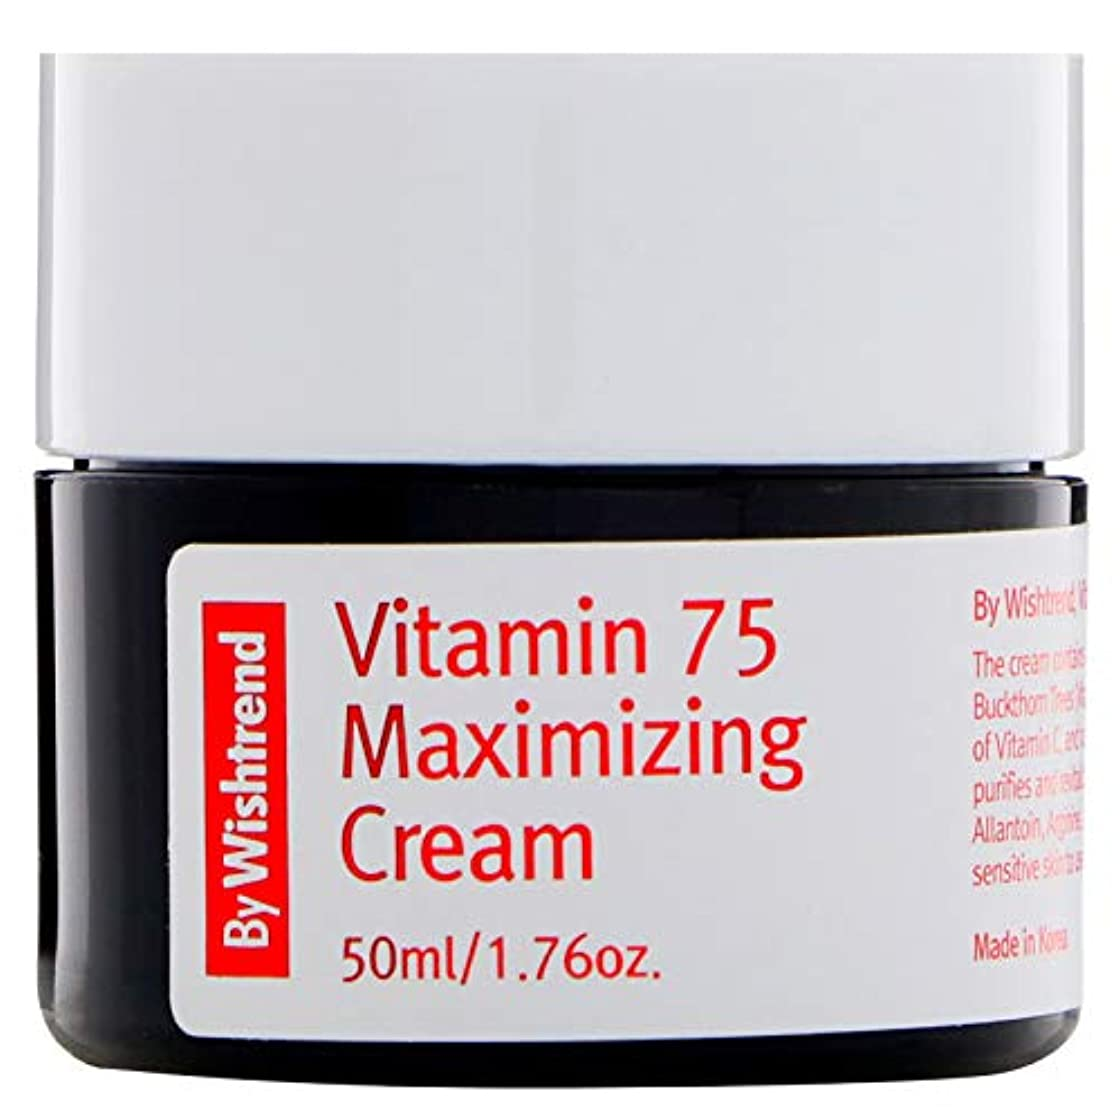 ダウン光怒り[BY WISHTREND]ビタミン75 マキシマイジング クリーム, Vitamin 75 Maximizing Cream [並行輸入品]